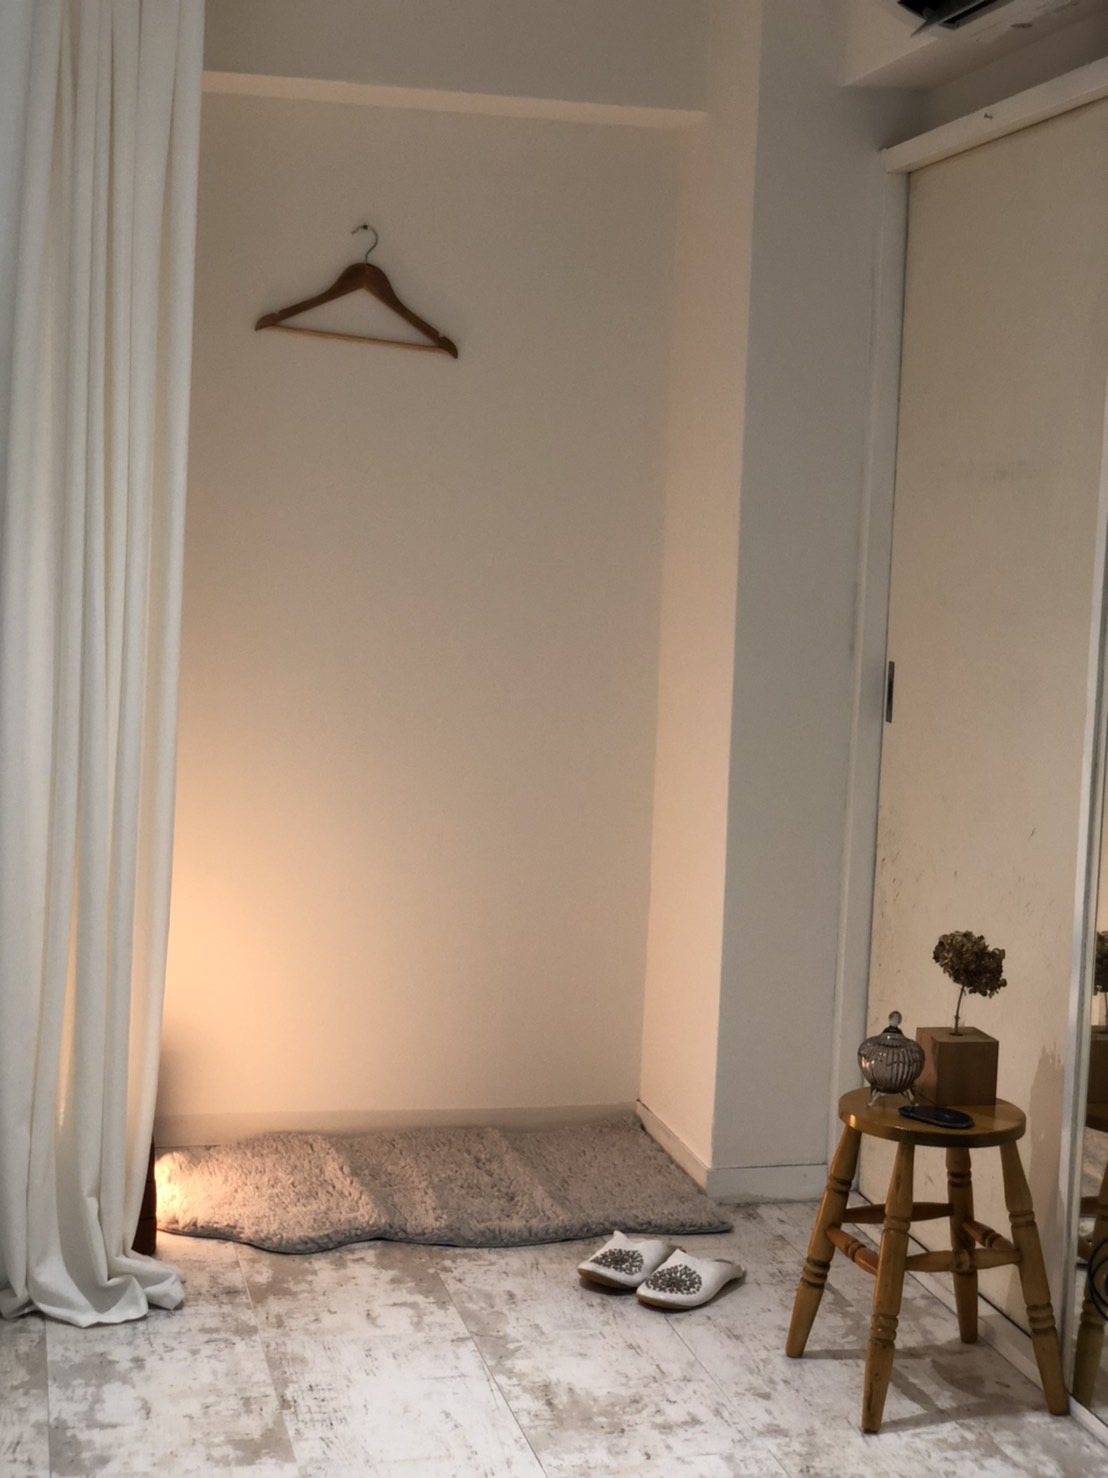 フィッティングスペース  - greatFULLdays  多目的スペース、レンタルスタジオの室内の写真